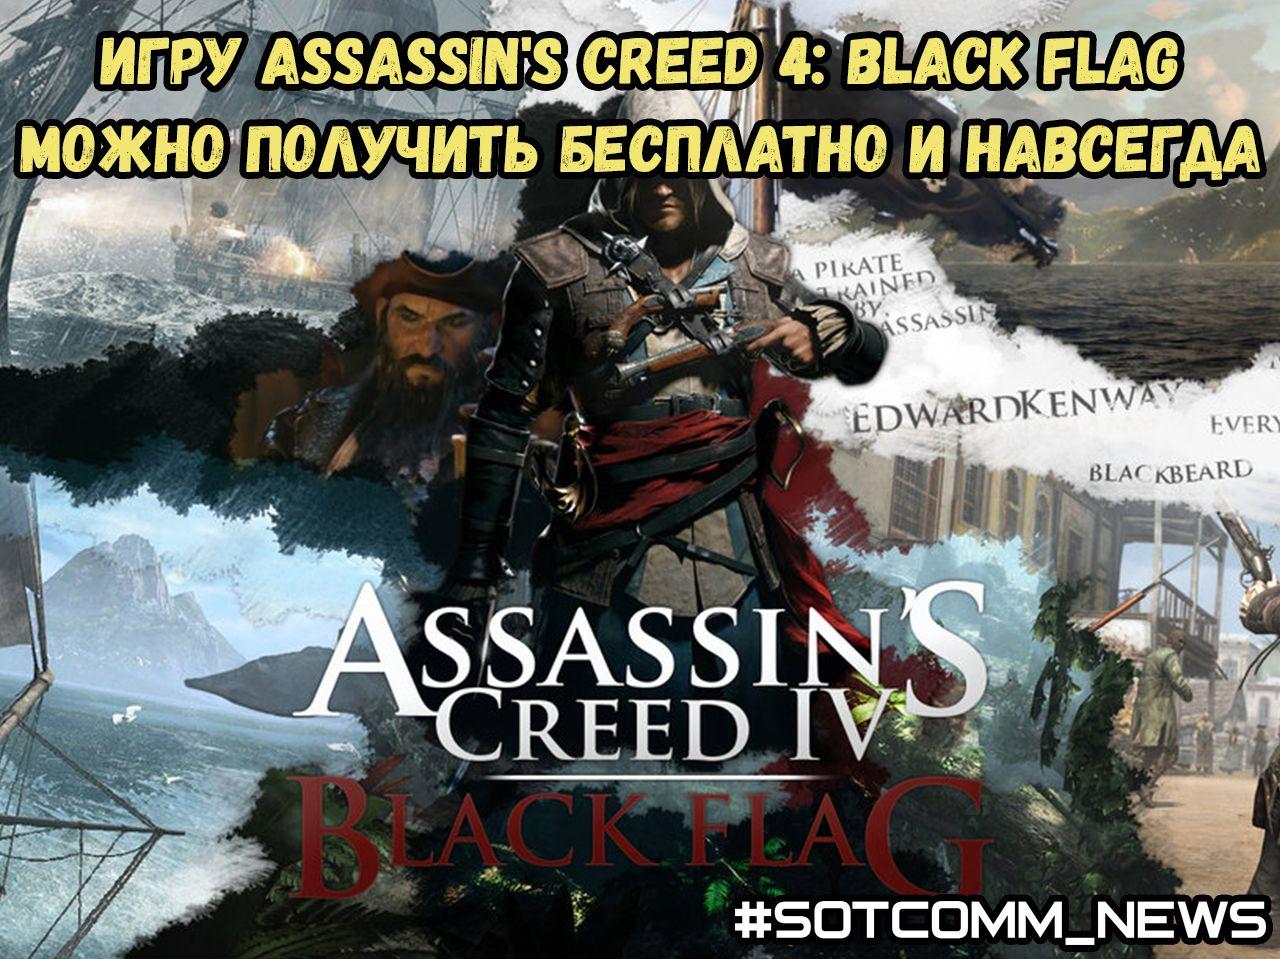 Игру Assassin's Creed 4: Black Flag можно получить бесплатно и навсегда